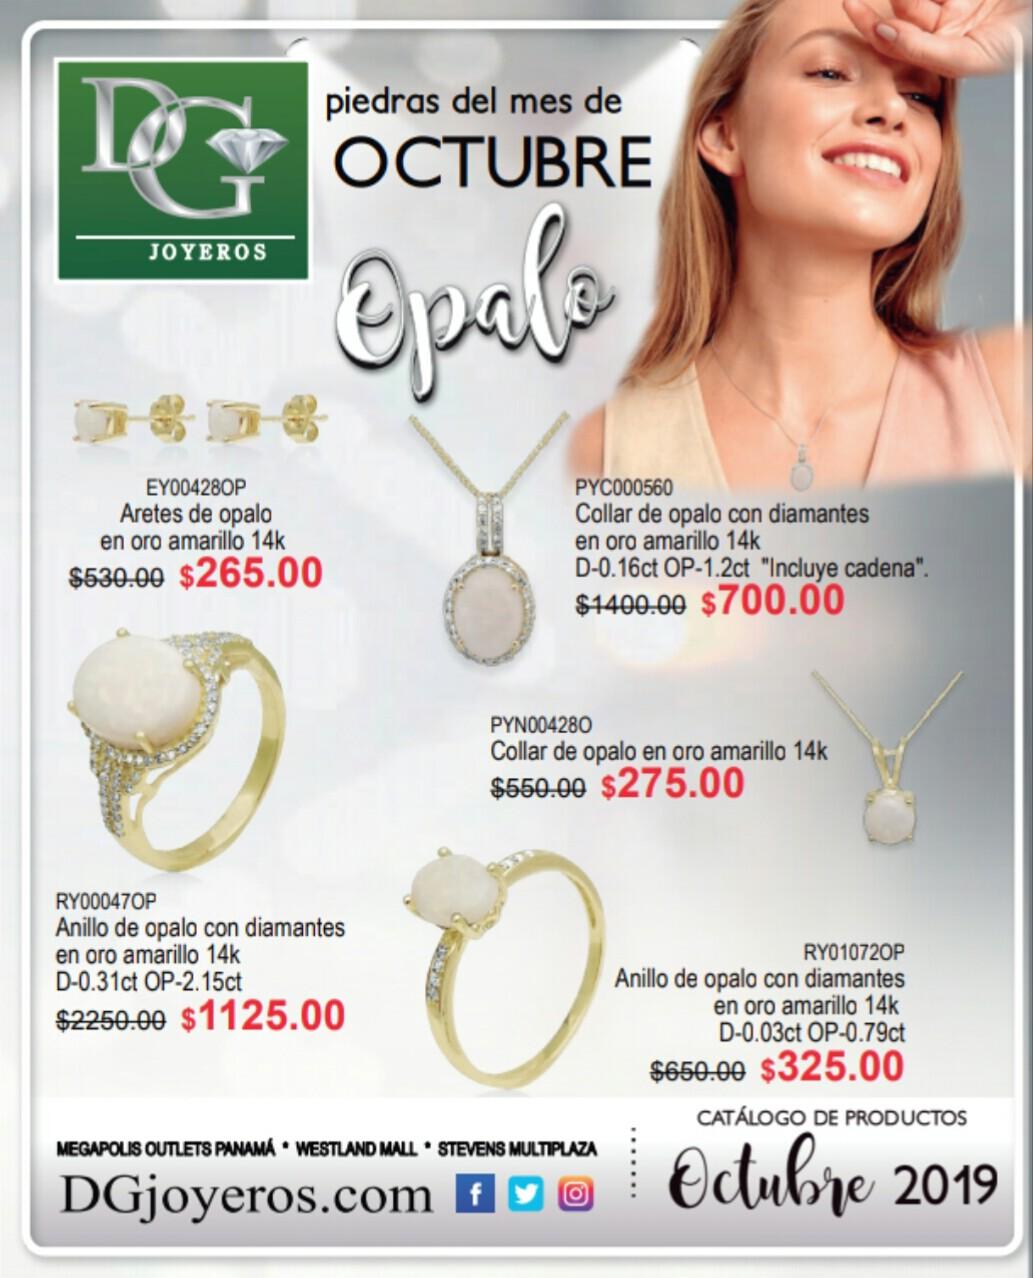 Catalogo DG Joyeros Octubre 2019 p1